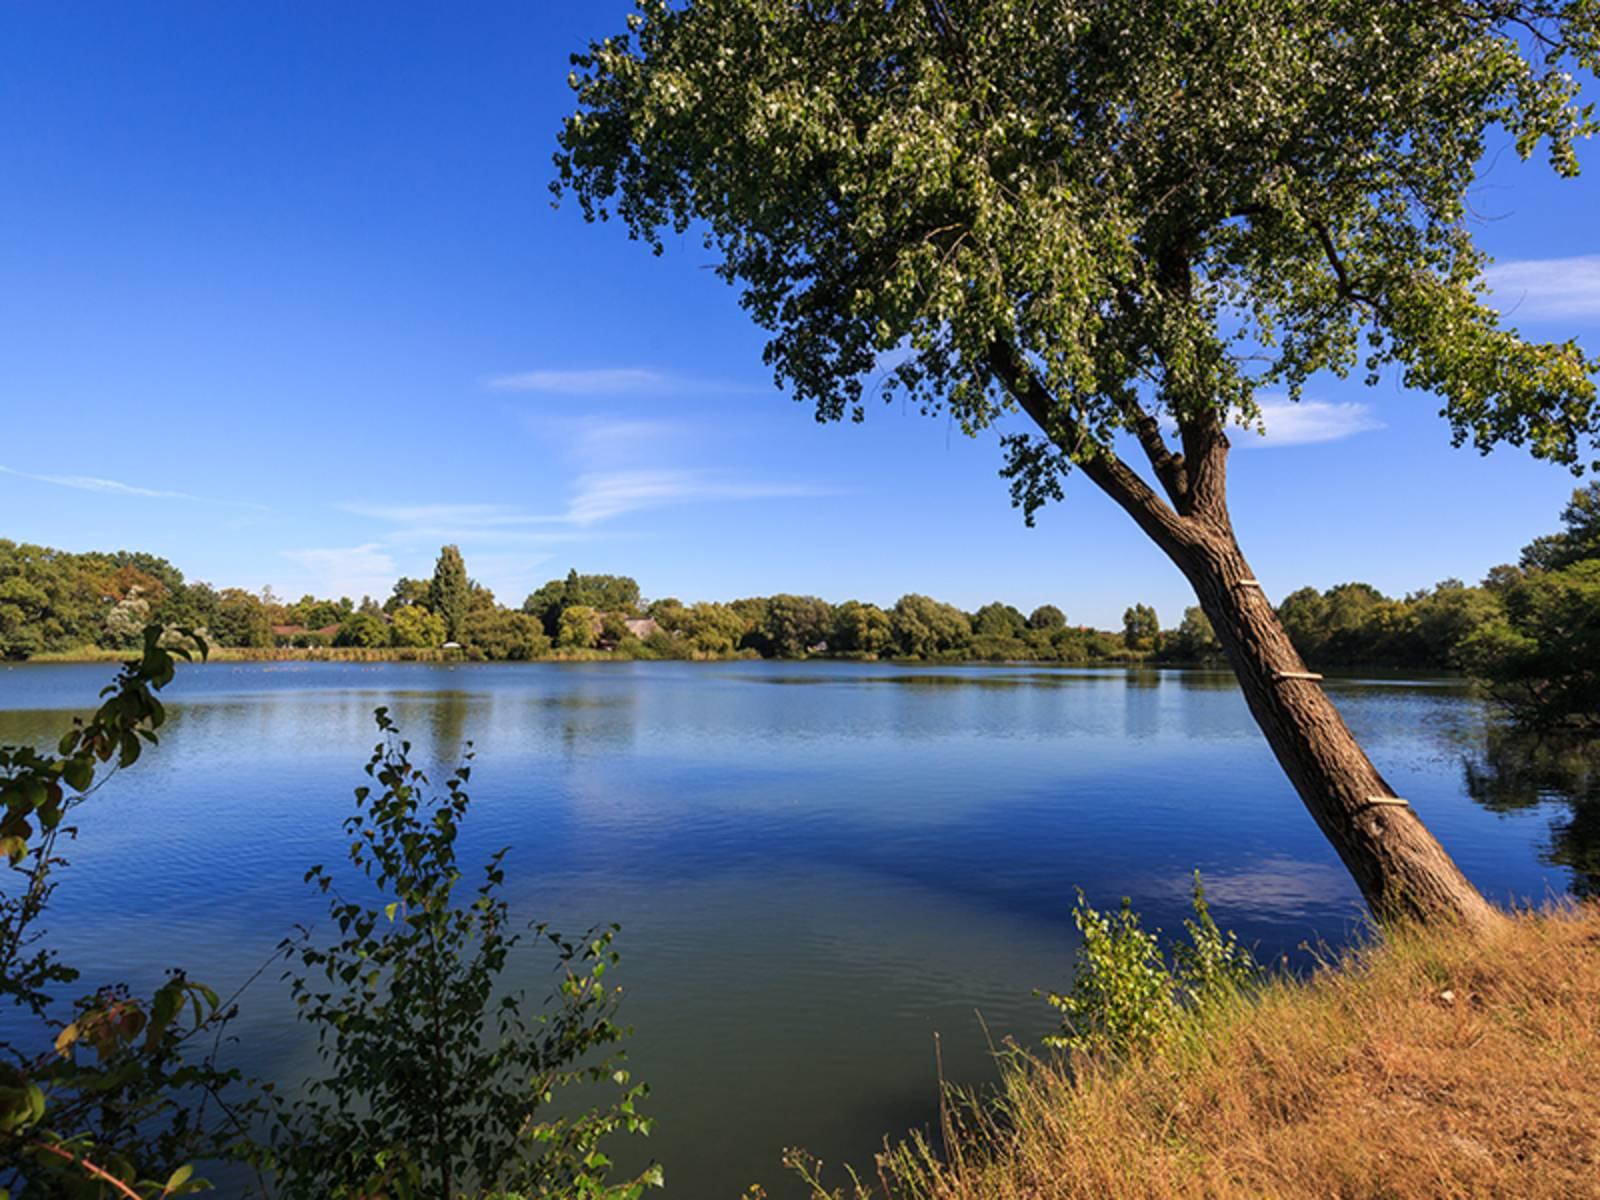 Berenbosteler See in Garbsen